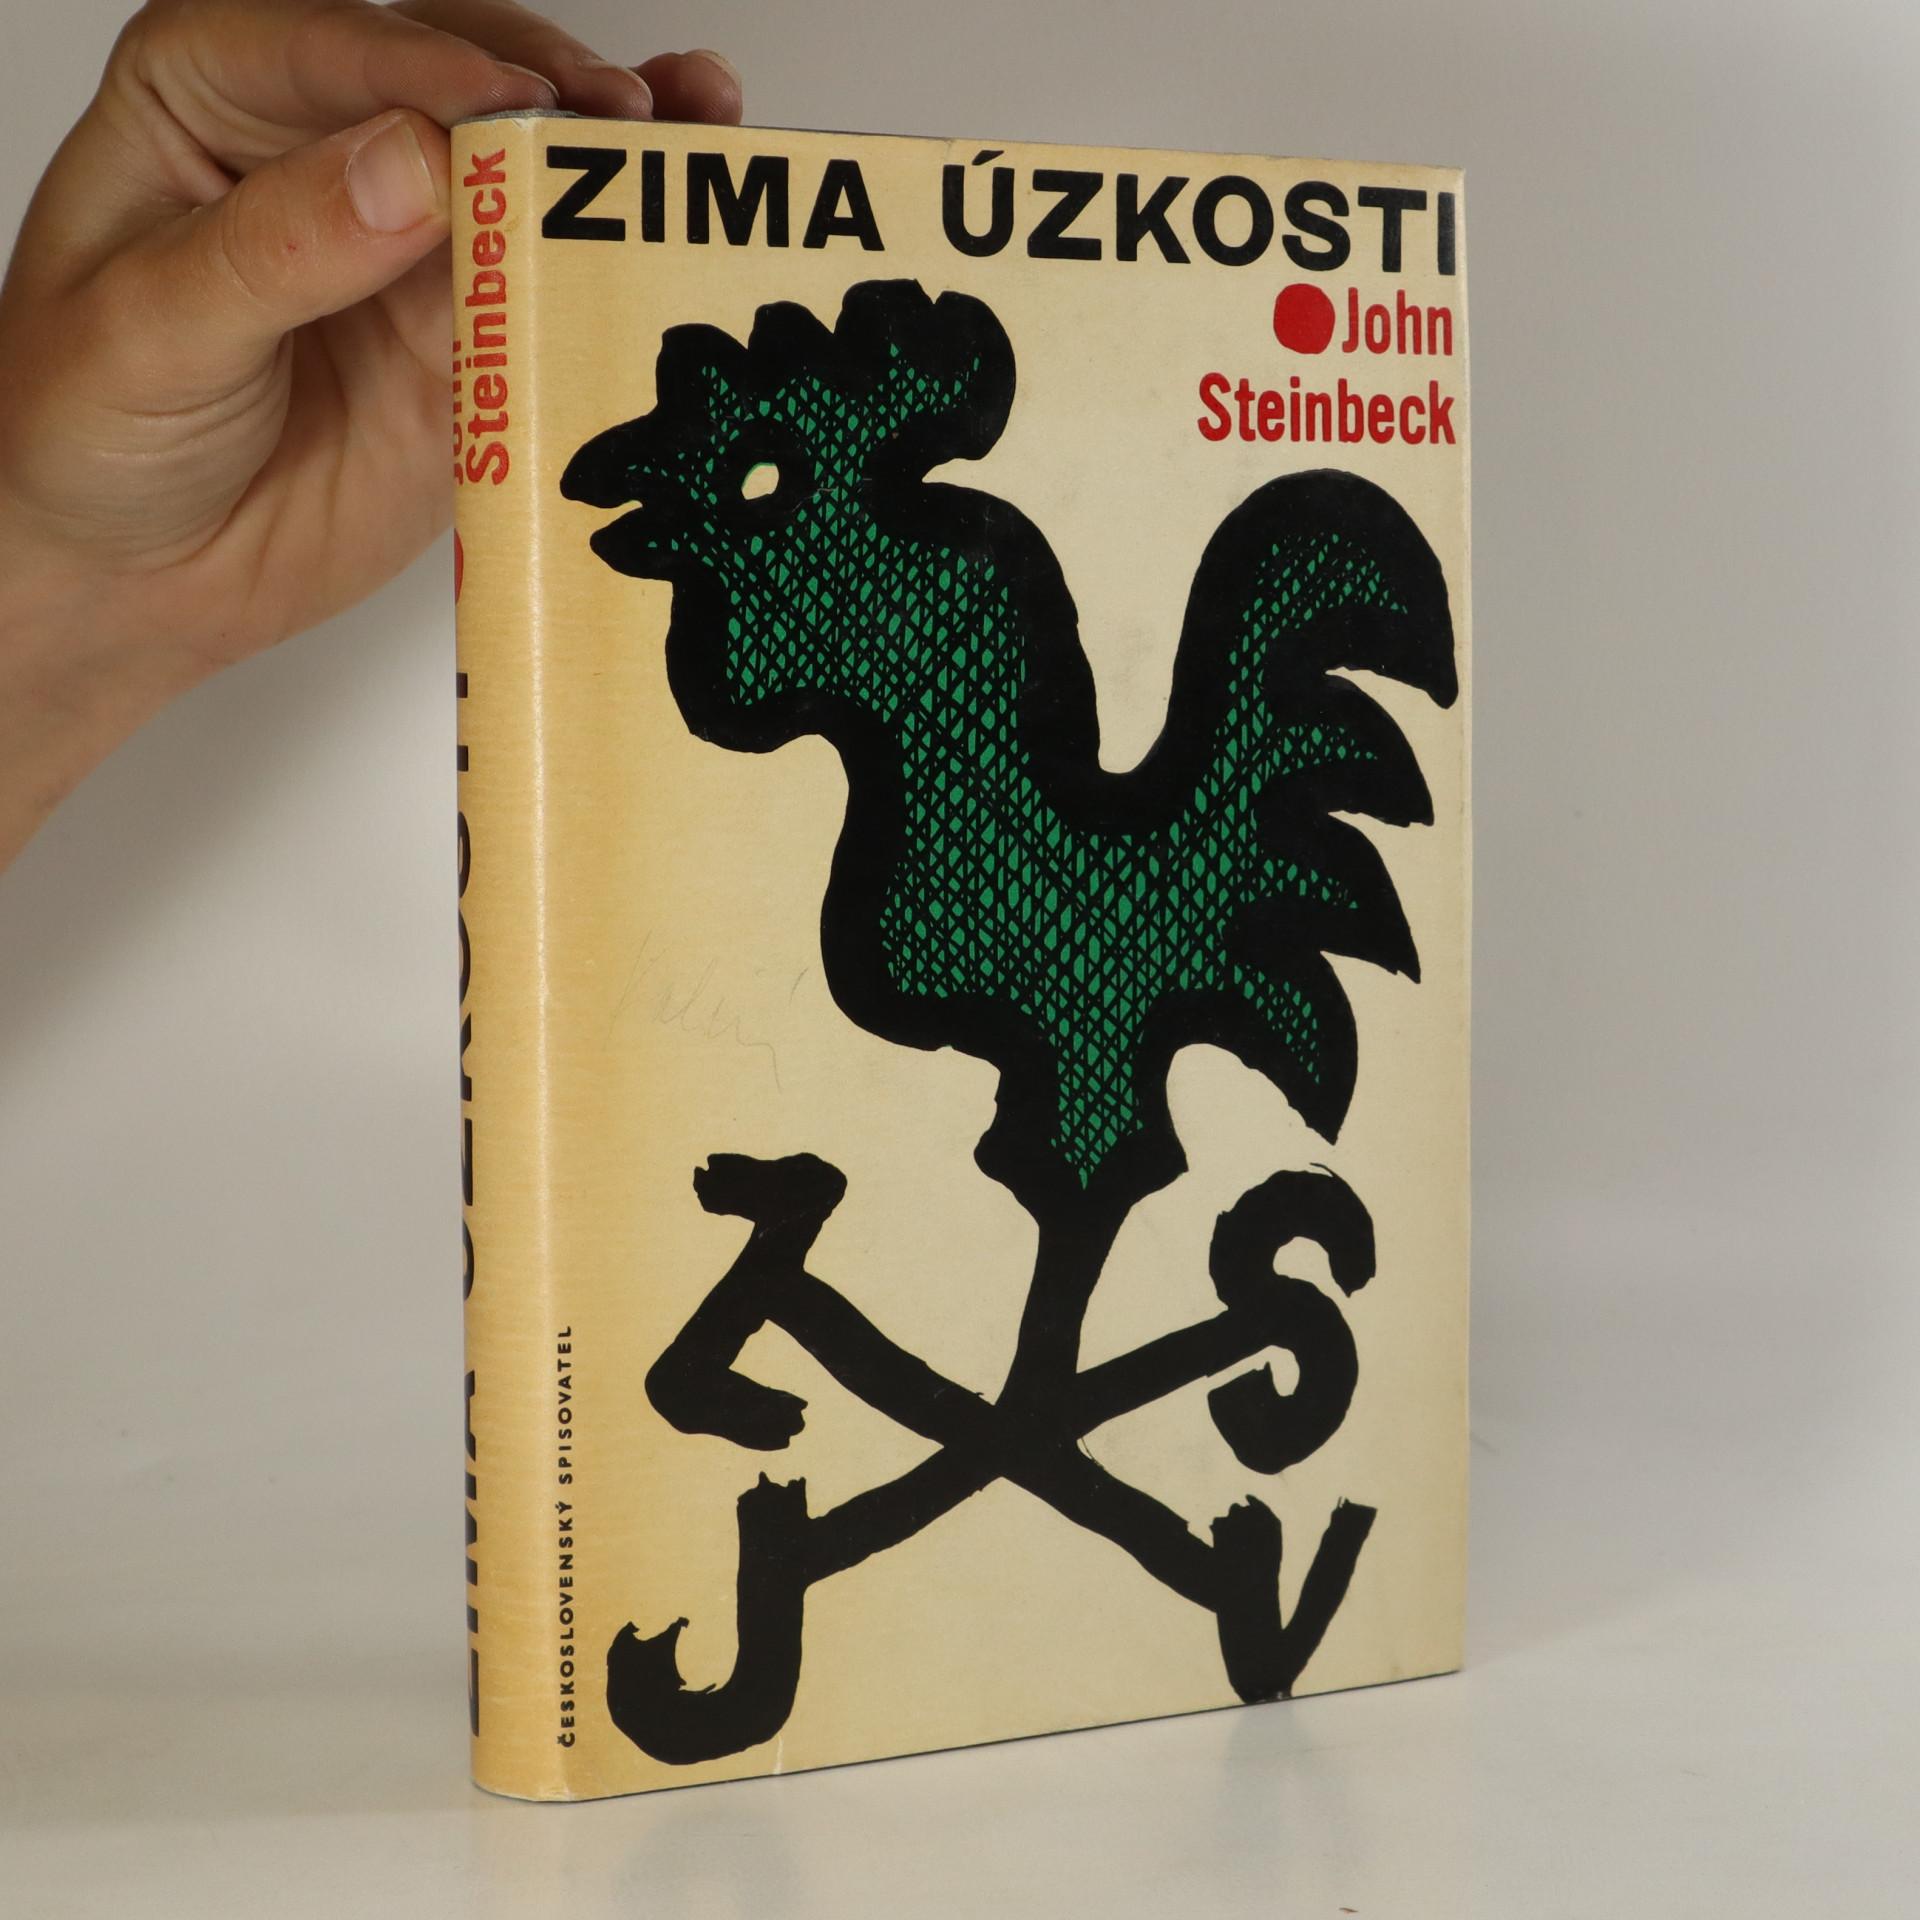 antikvární kniha Zima úzkosti, 1965